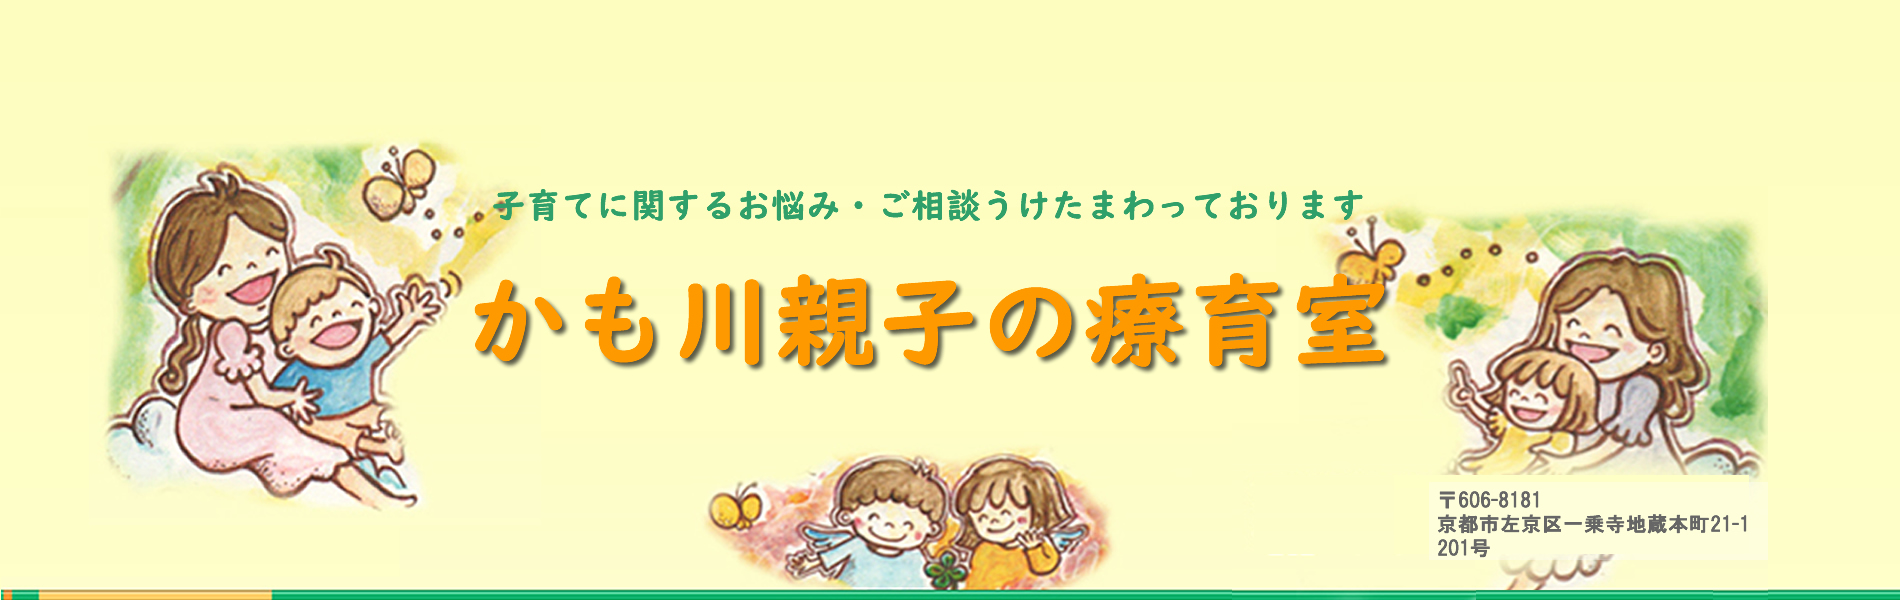 かも川親子の療育室は 子育てに関するお悩み・ご相談を承っております。